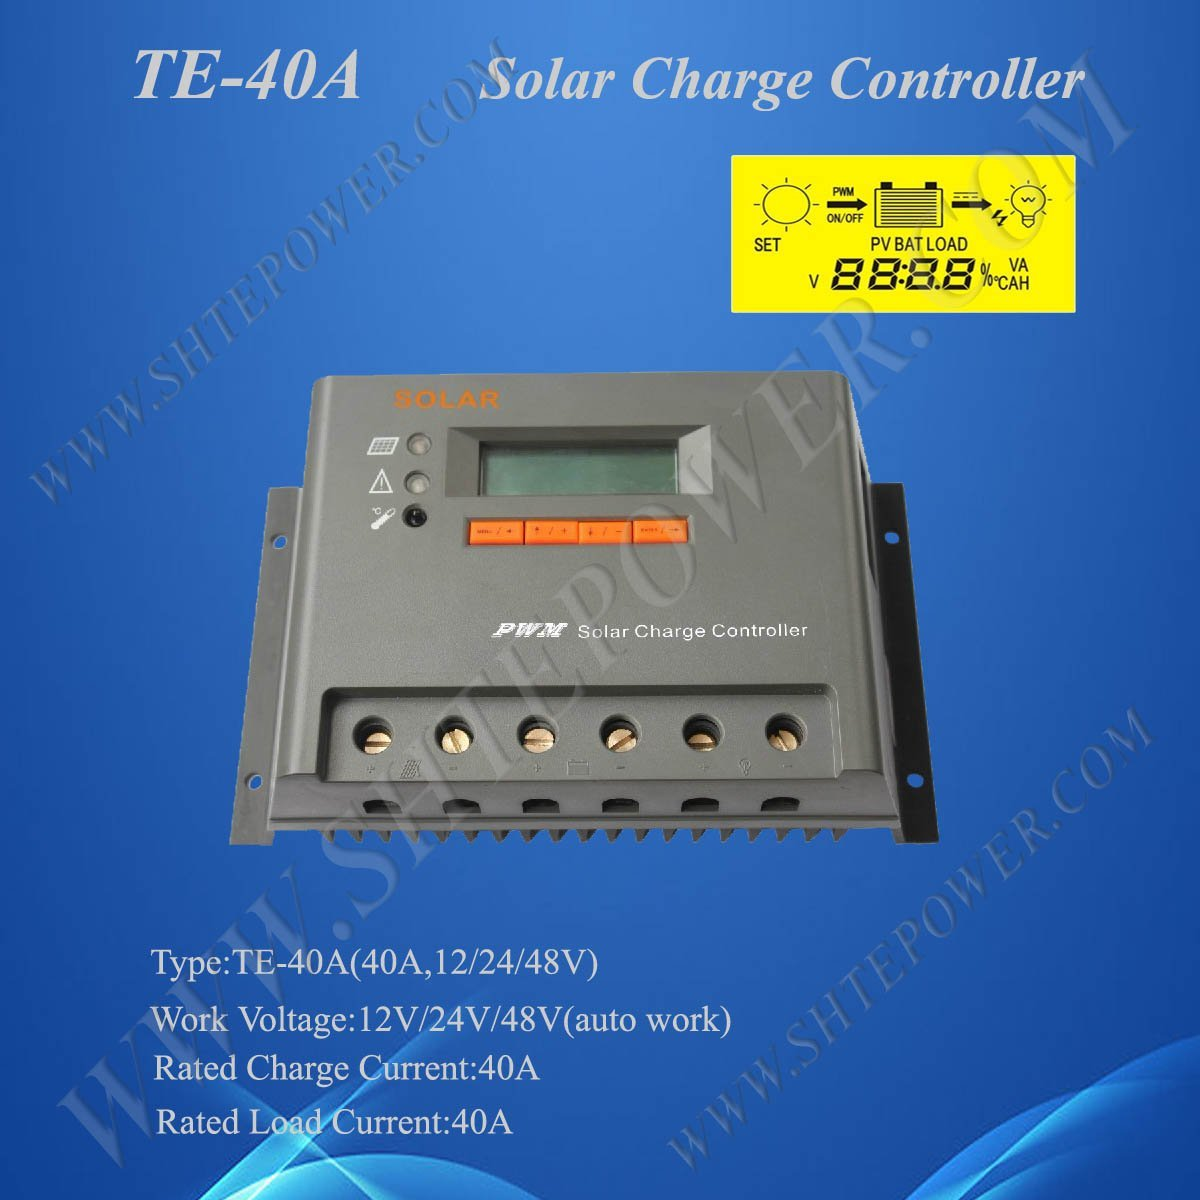 Панели солнечные 12 v 24 v 48 v автоматическая работа 40A Зарядное устройство контроллера, 2 года гарантии